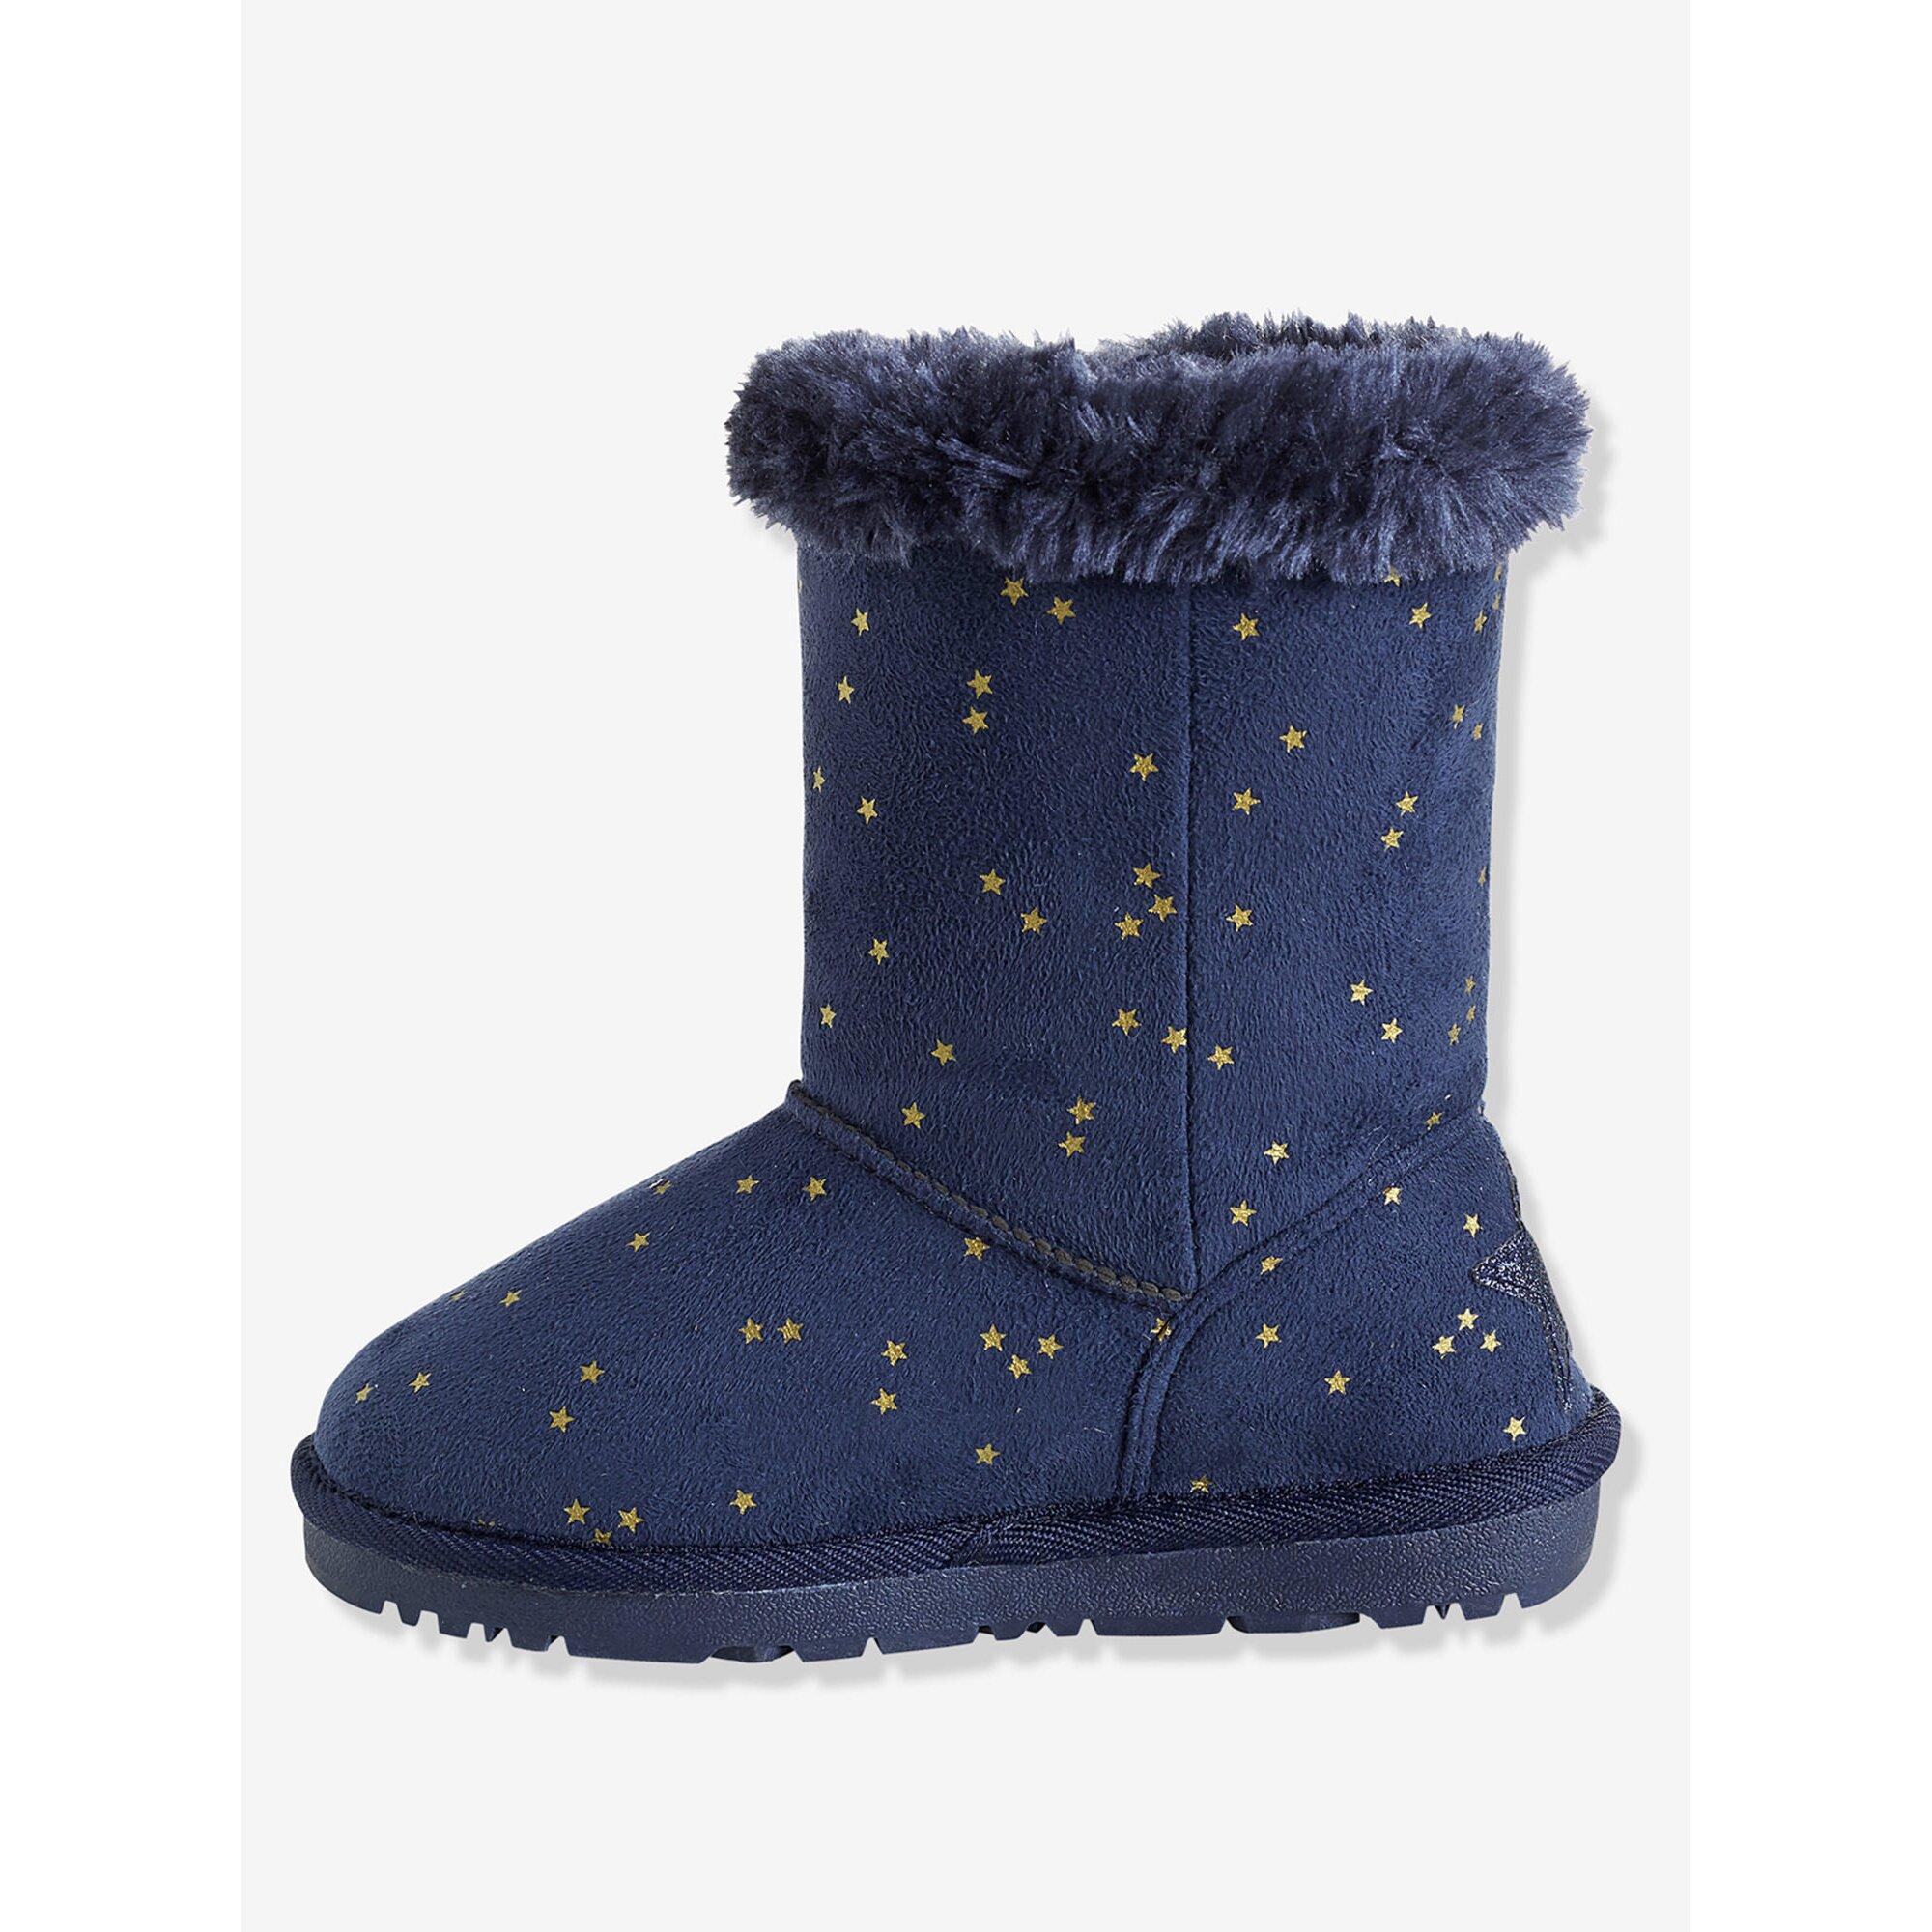 vertbaudet-winterstiefel-fur-madchen-velours, 30.99 EUR @ babywalz-de